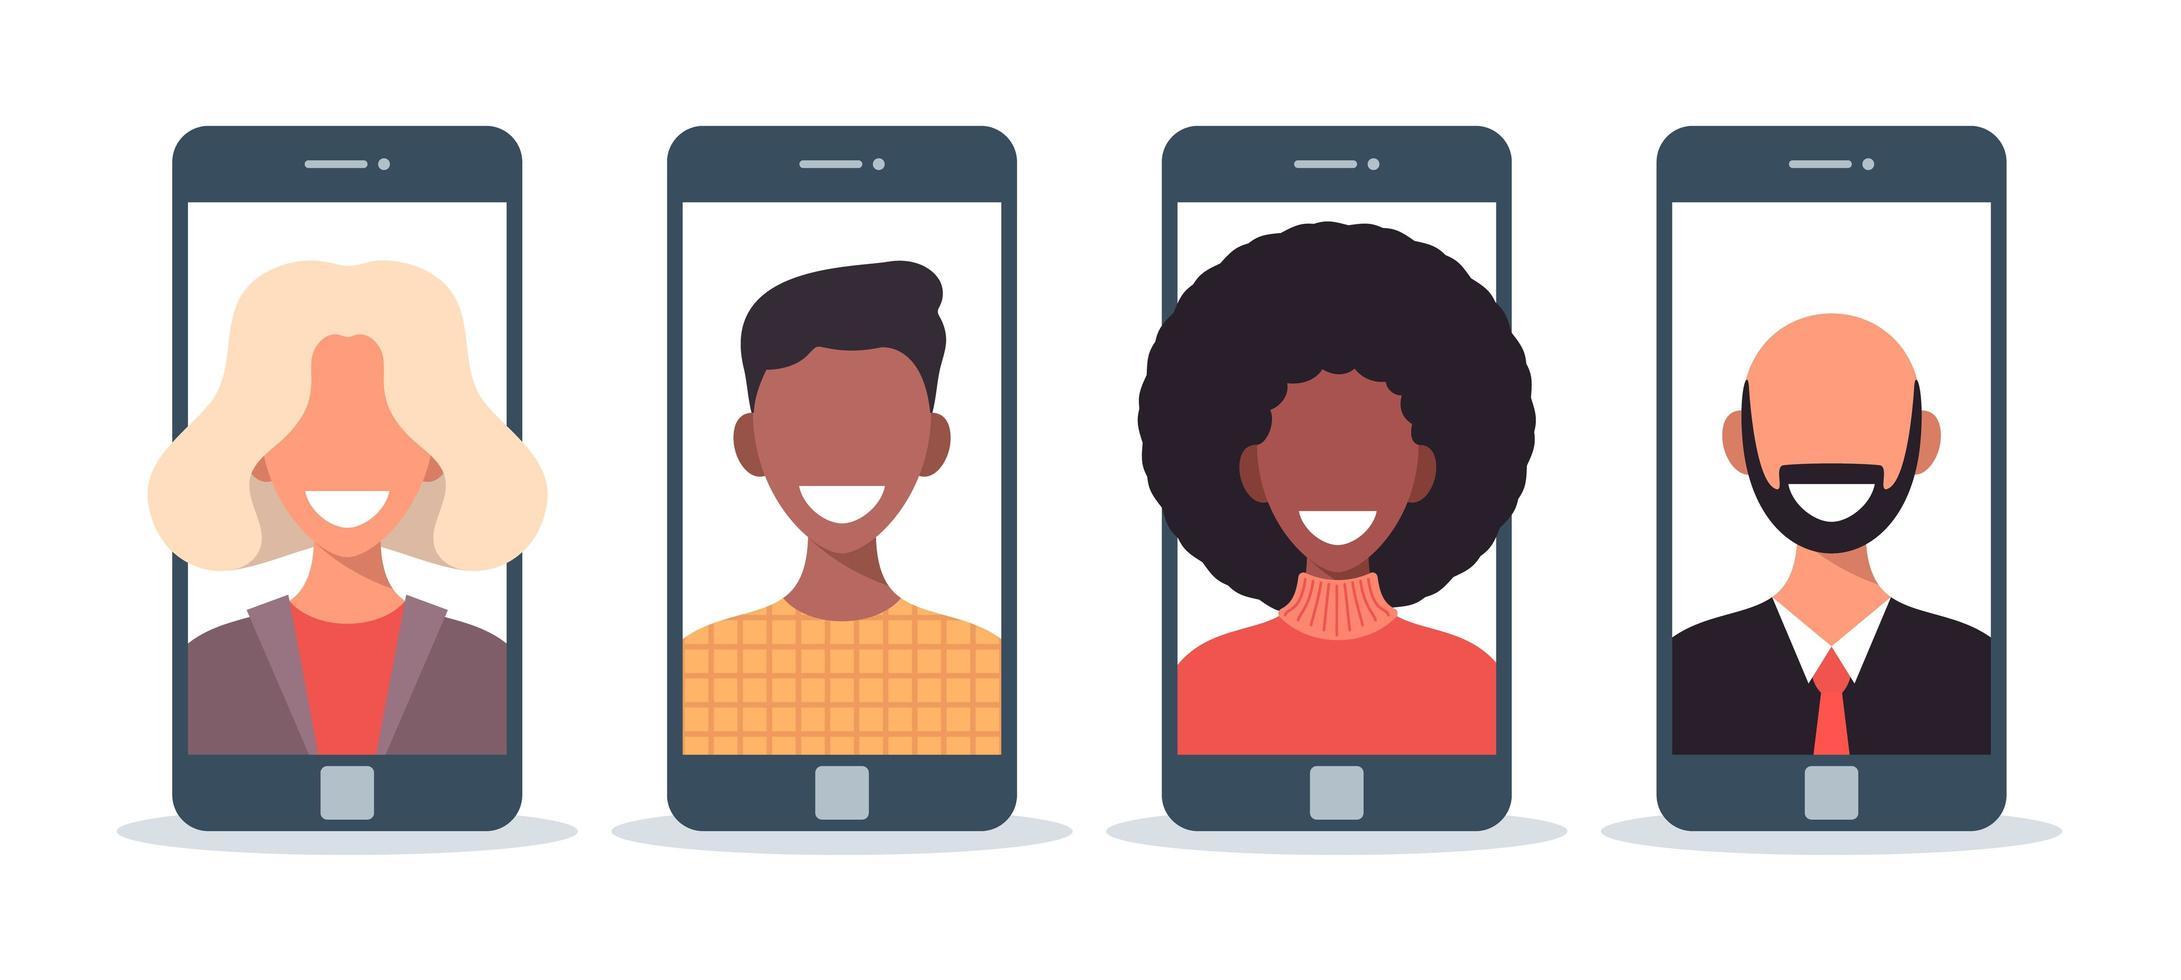 amigos conversando ilustração vetorial plana online. parentes usando smartphones, celulares para videoconferência, fazendo ligações. meninos, meninas na tela do telefone, display. aplicativo de comunicação móvel vetor